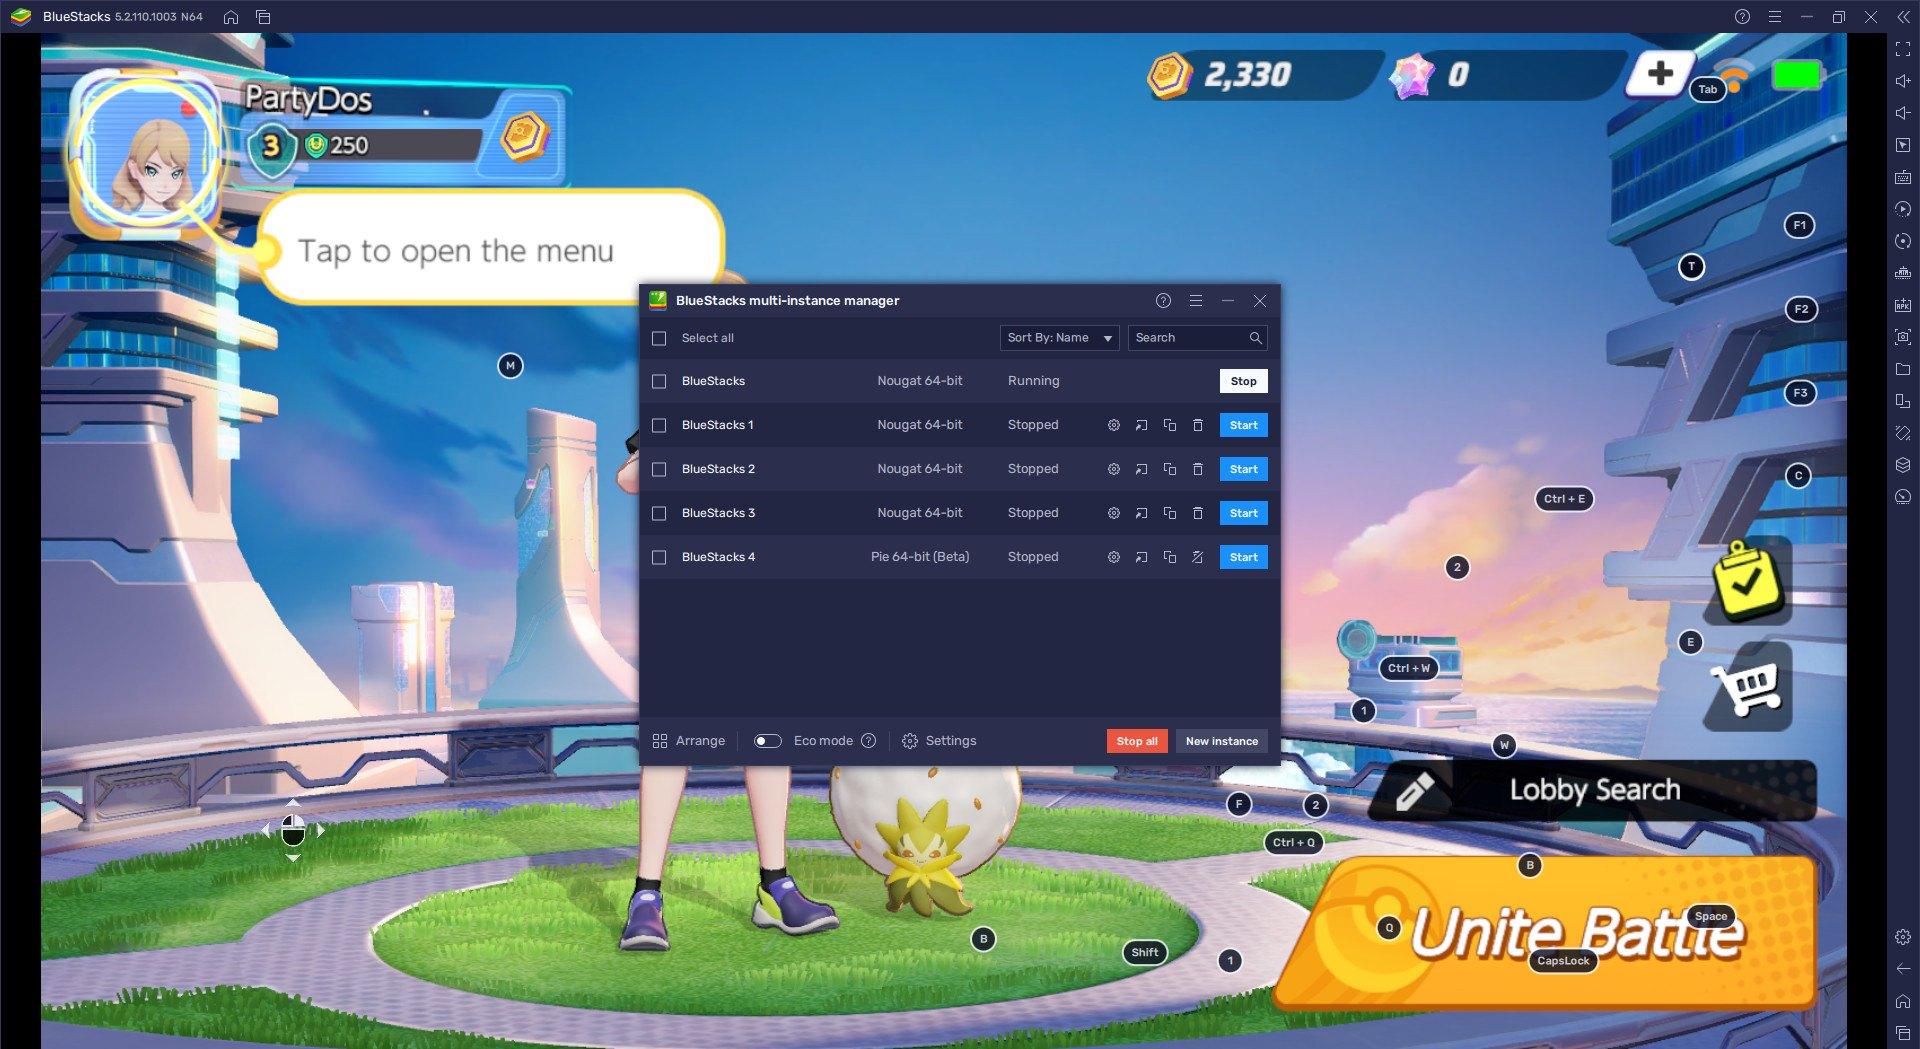 วิธีติดตั้ง Pokémon UNITE บน PC และ Mac ผ่าน BlueStacks